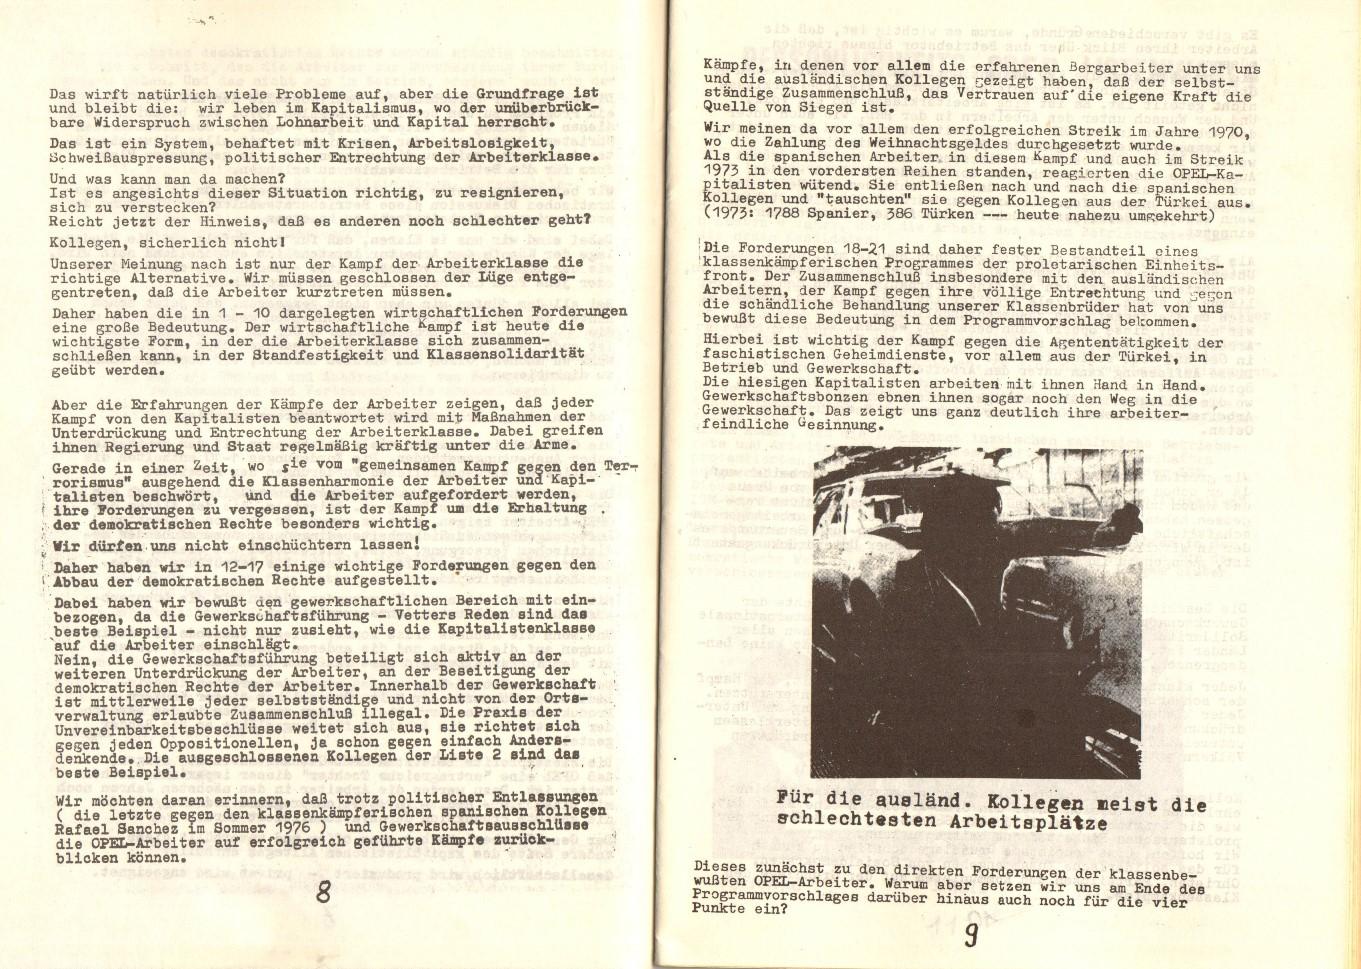 Bochum_KPD_1977_Betriebsratswahlen_1978_05